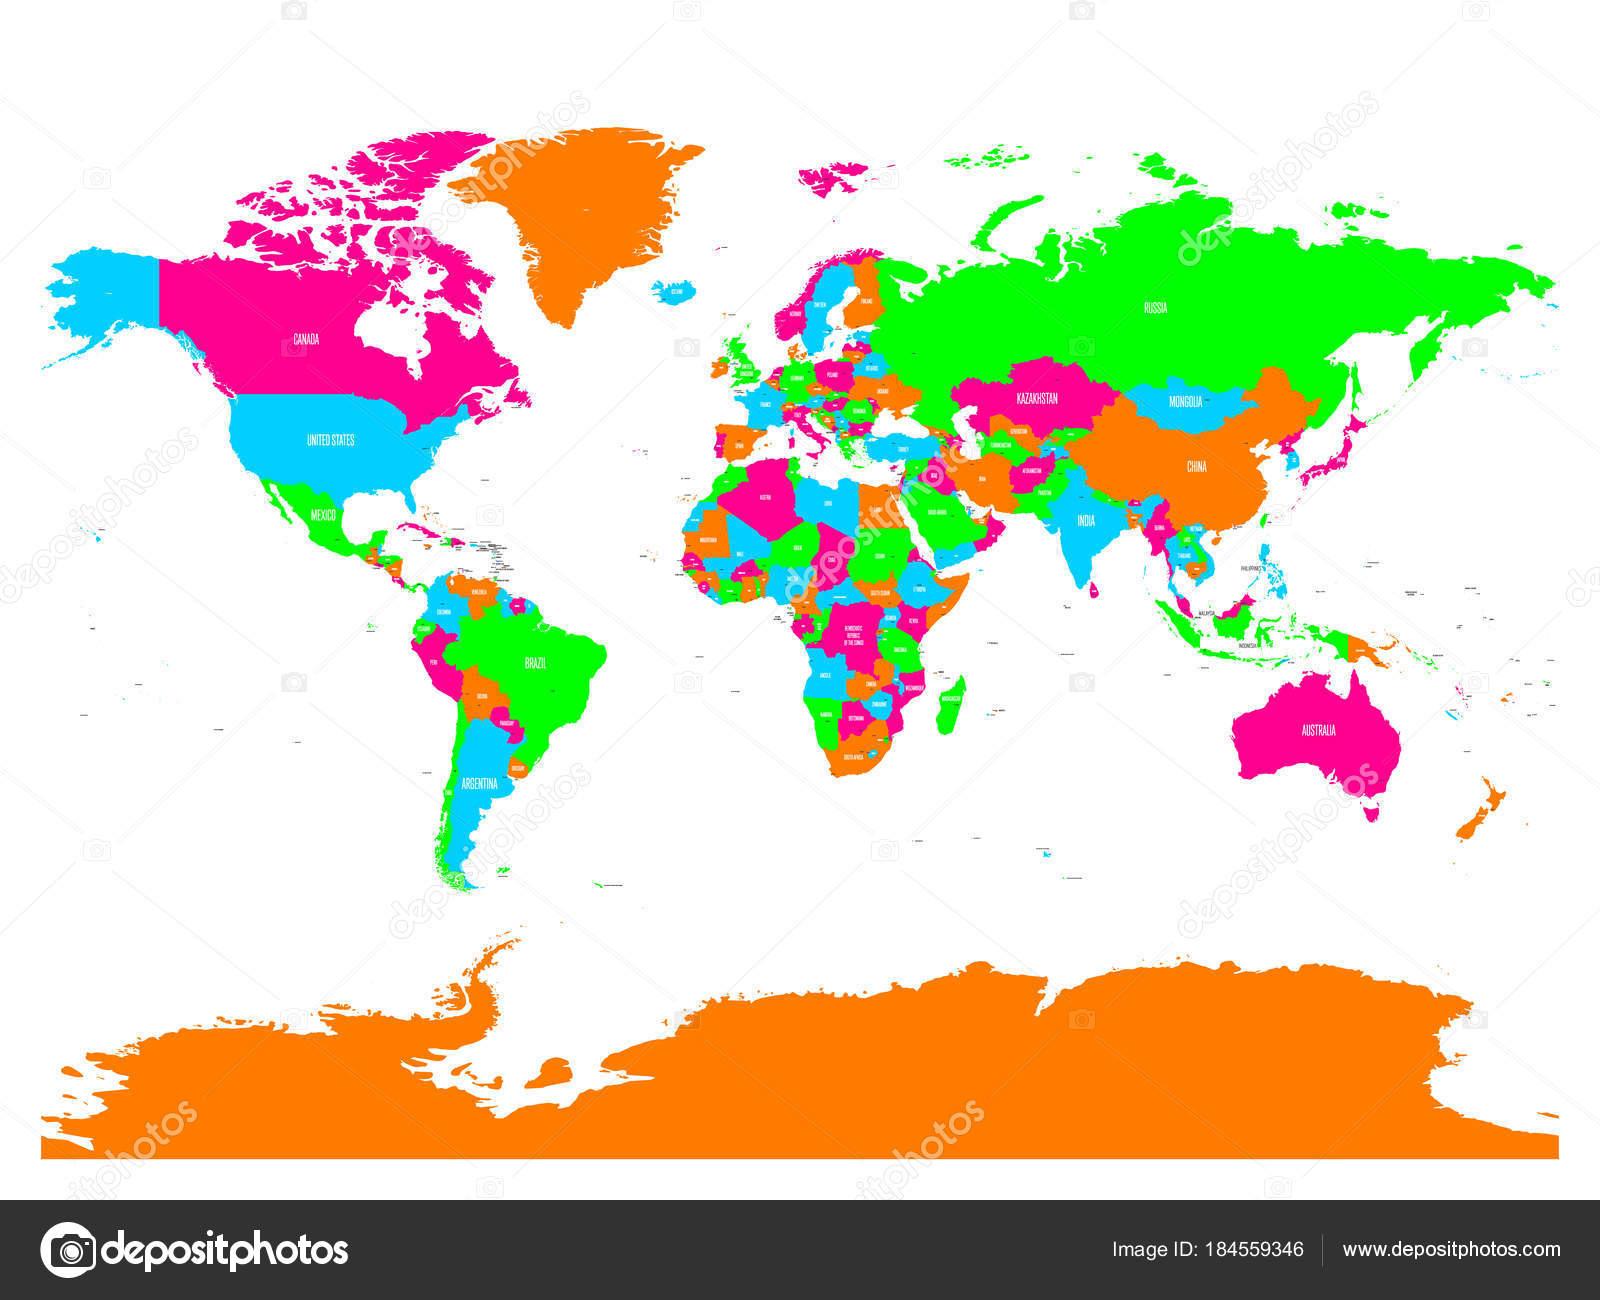 Mapa Politico Del Mundo Con Nombres.Vector Mapa De Mexico Con Nombres Mapa Politico De Vector